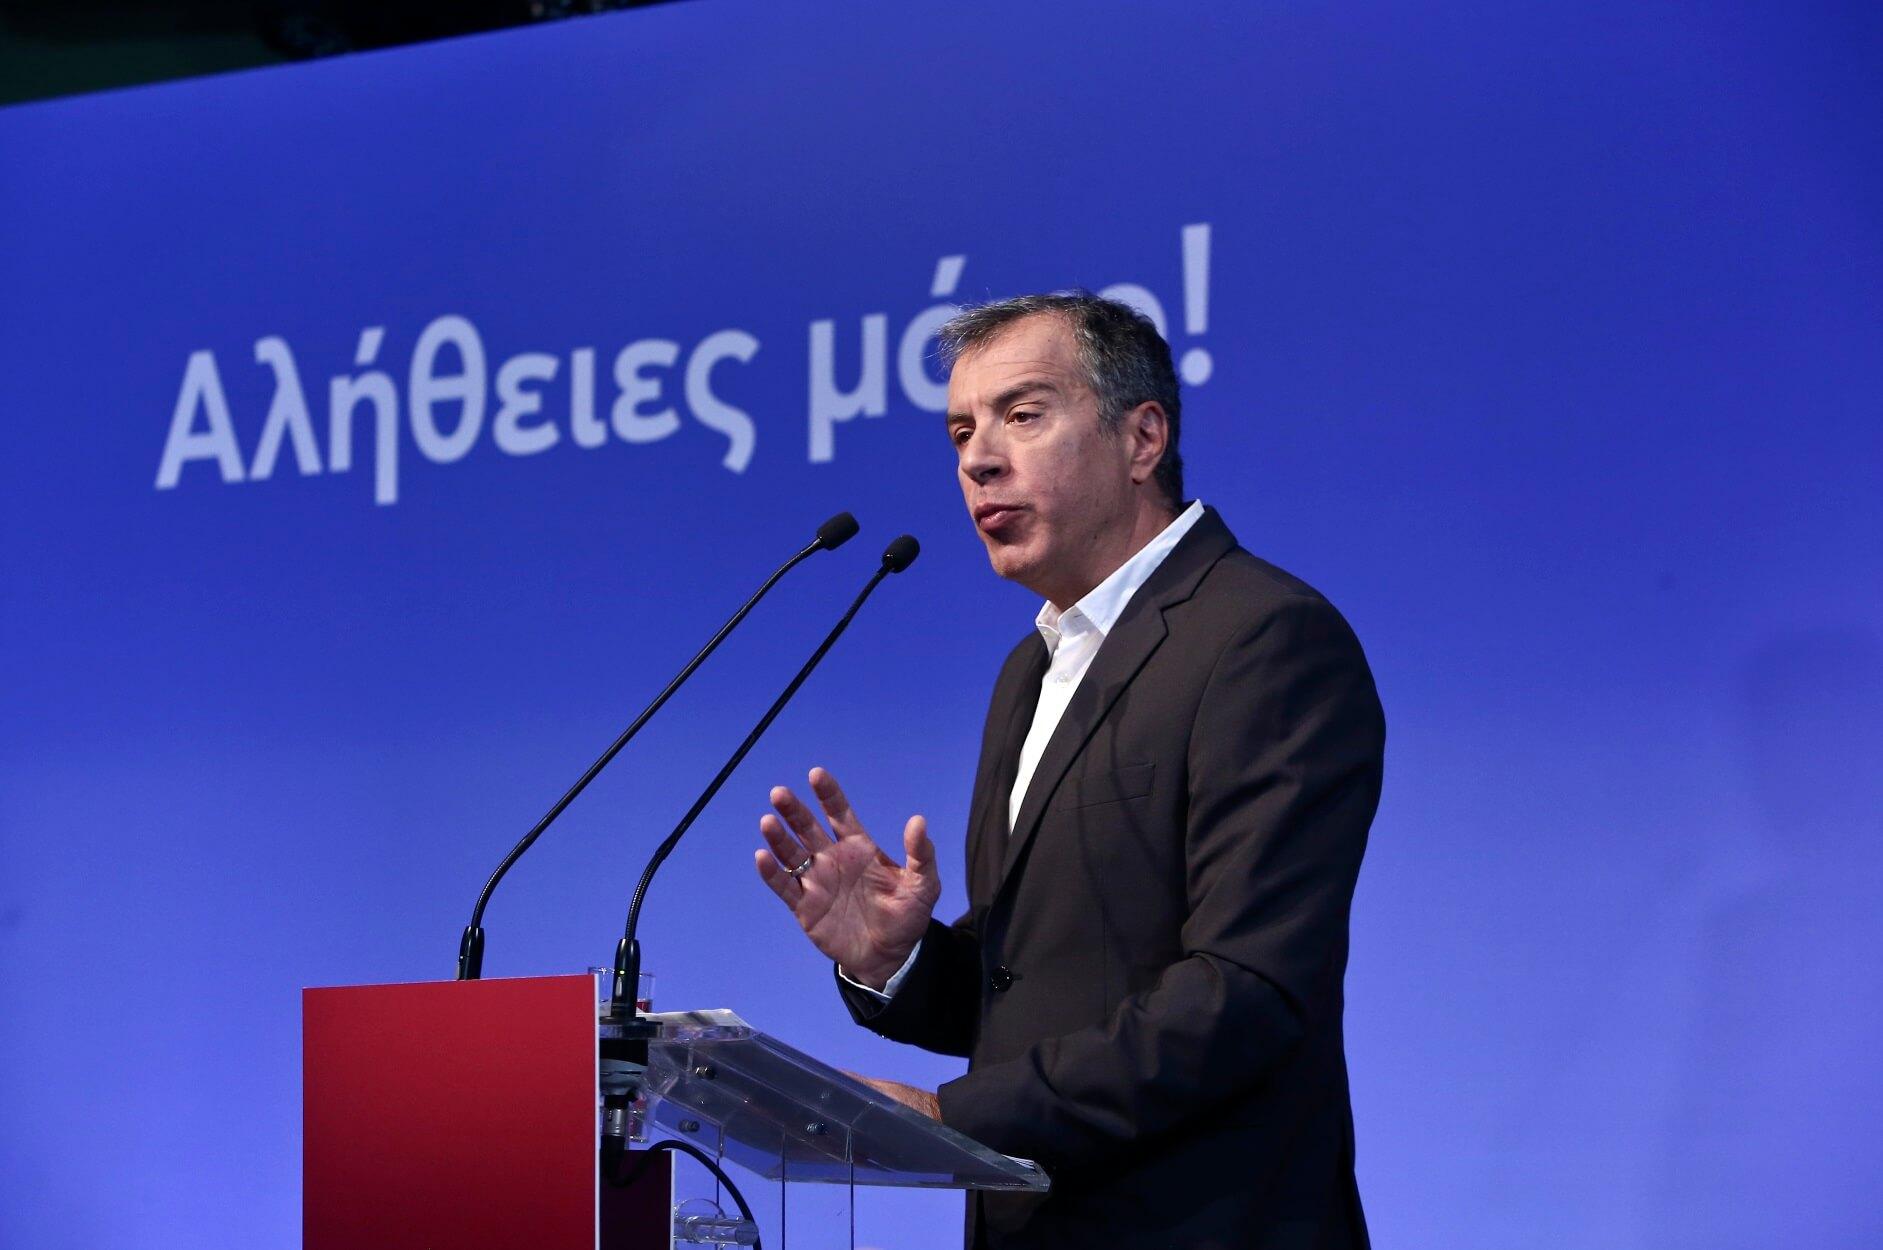 Θεοδωράκης: Οι Ciudadanos έδειξαν ότι το προοδευτικό Κέντρο ρυθμίζει τις εξελίξεις στην Ευρώπη